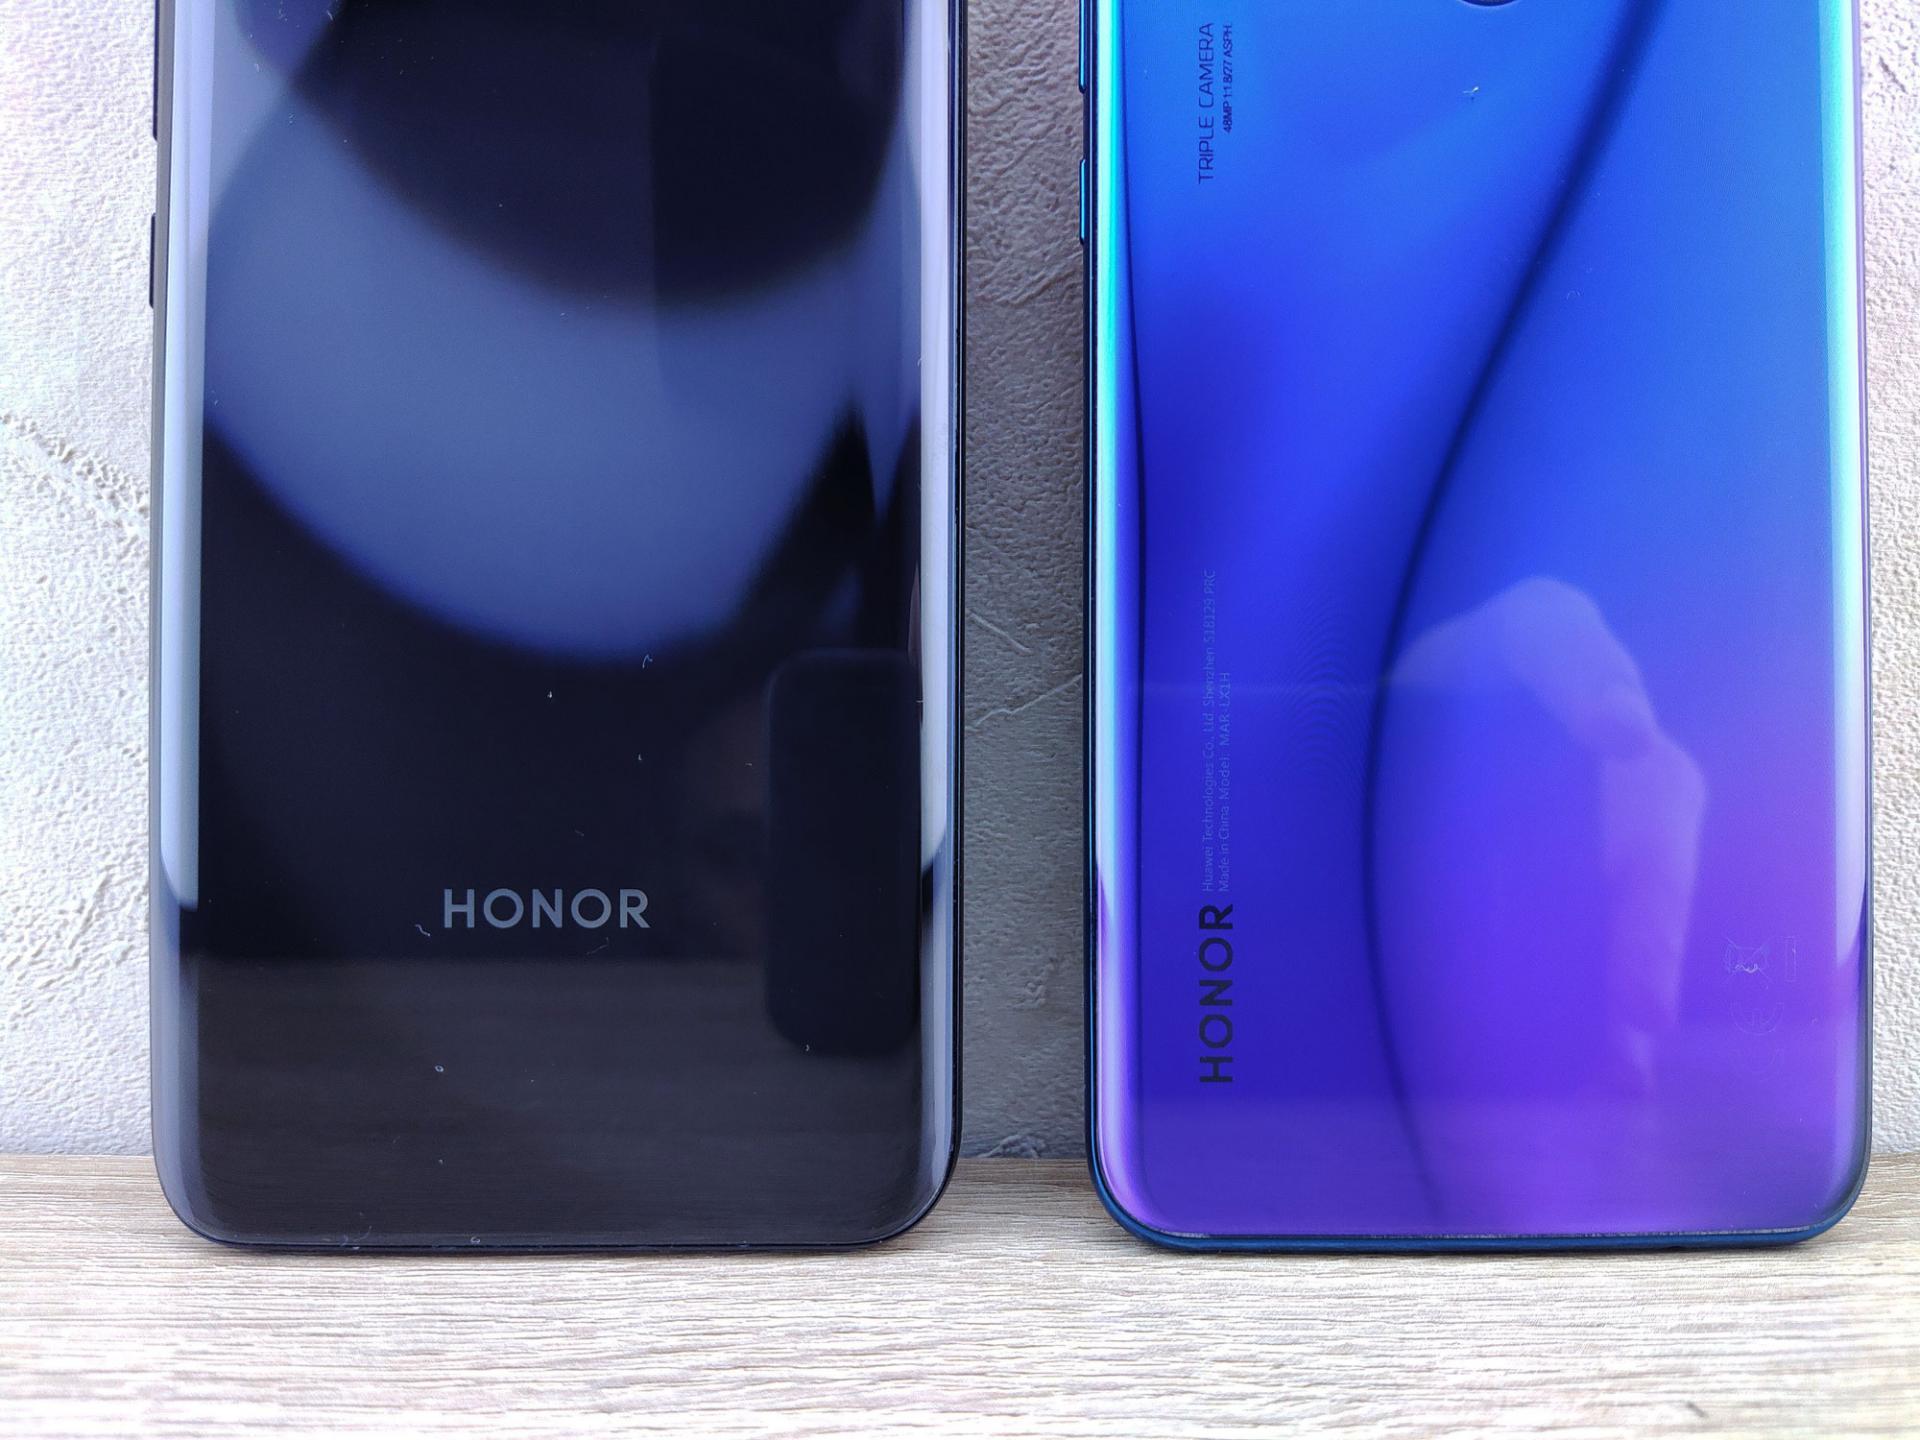 Нановые смартфоны Honor возвращаются Google-сервисы